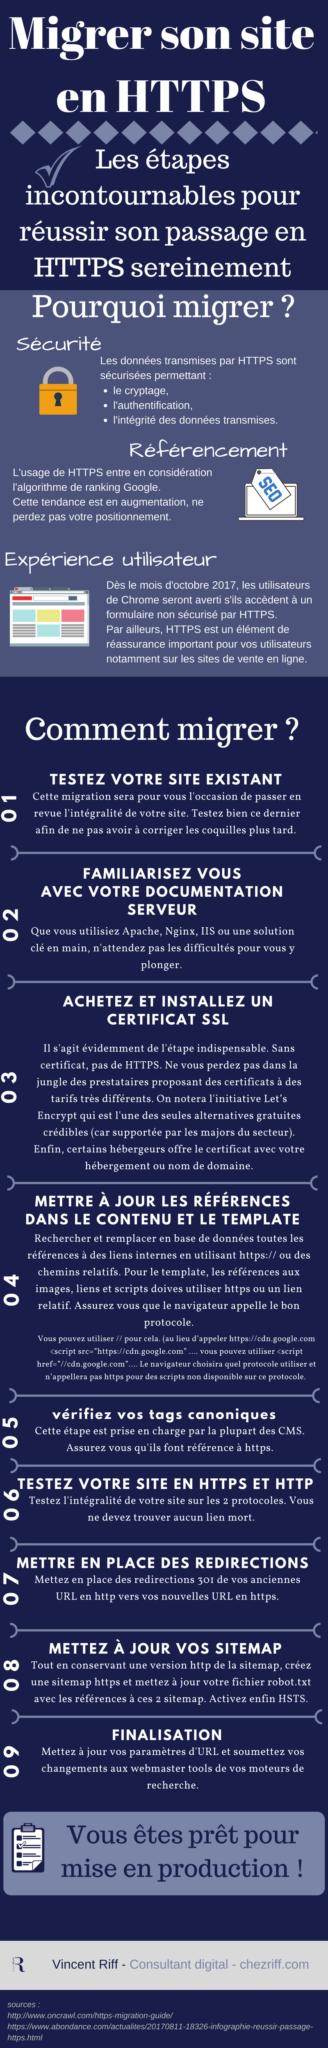 Infographie - Les étapes incontournables pour réussir son passage en HTTPS sereinement